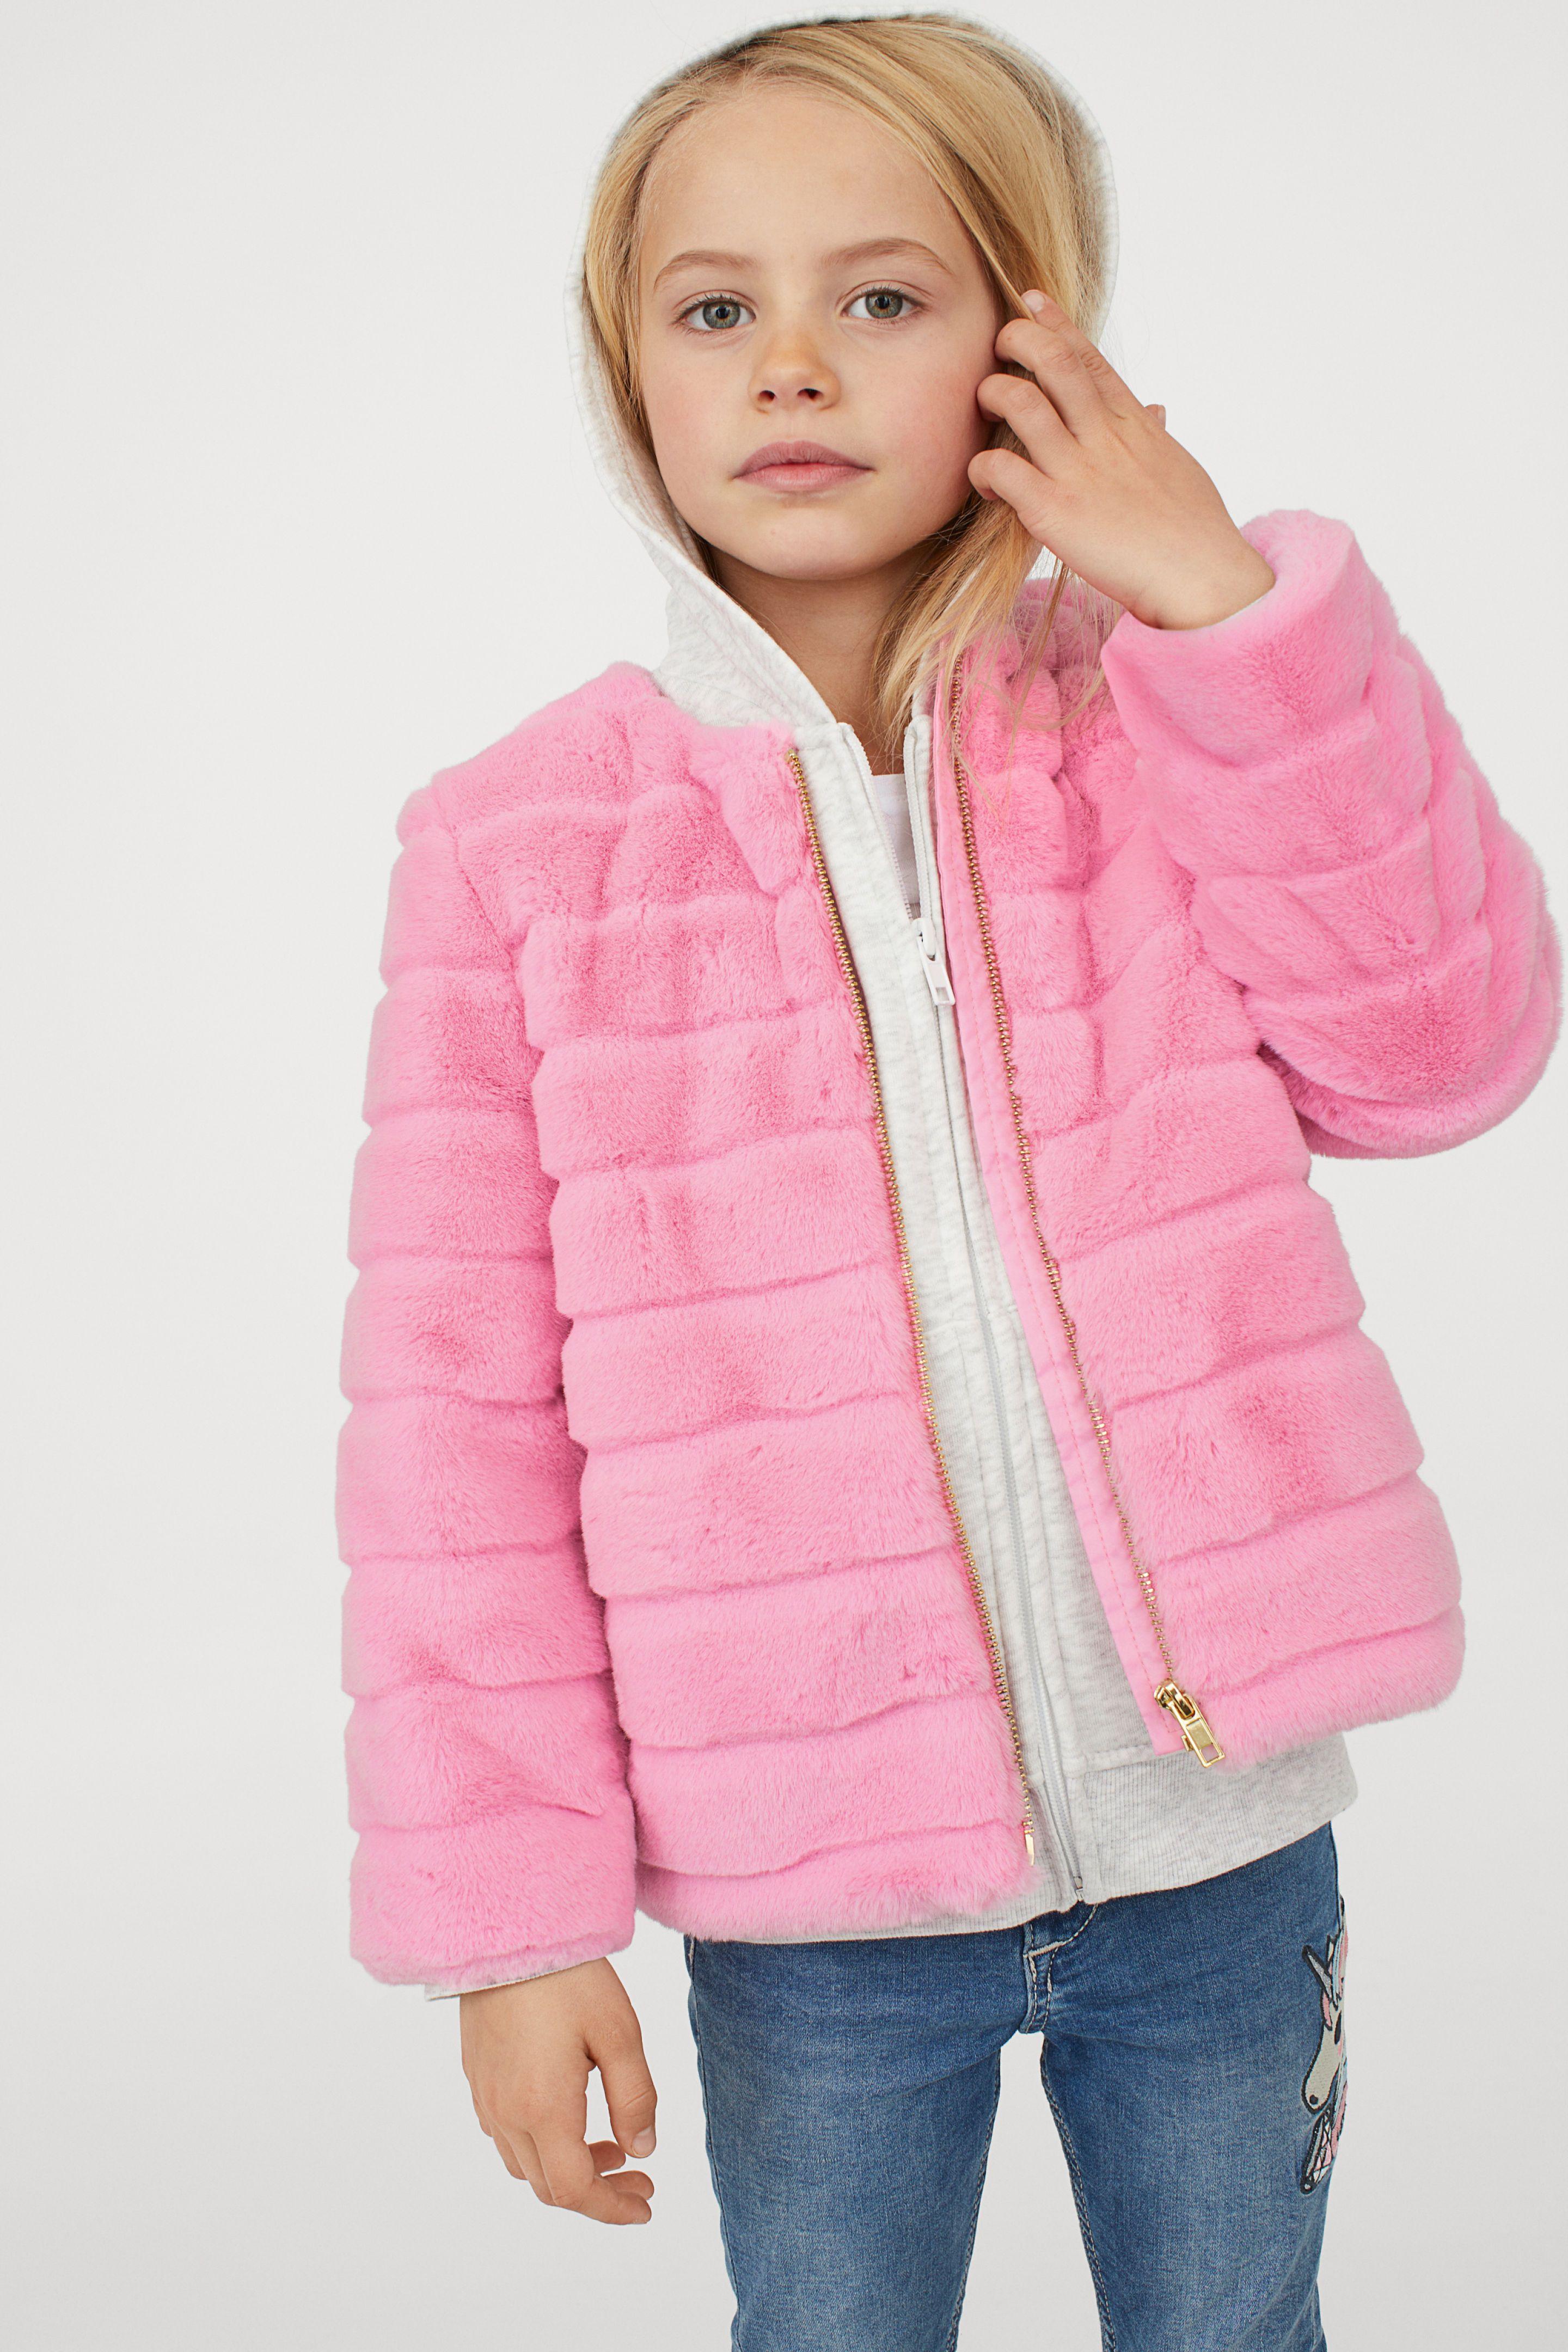 Pink Fur H&M Kids 2018 Jackets, Kids vest, Girl outfits